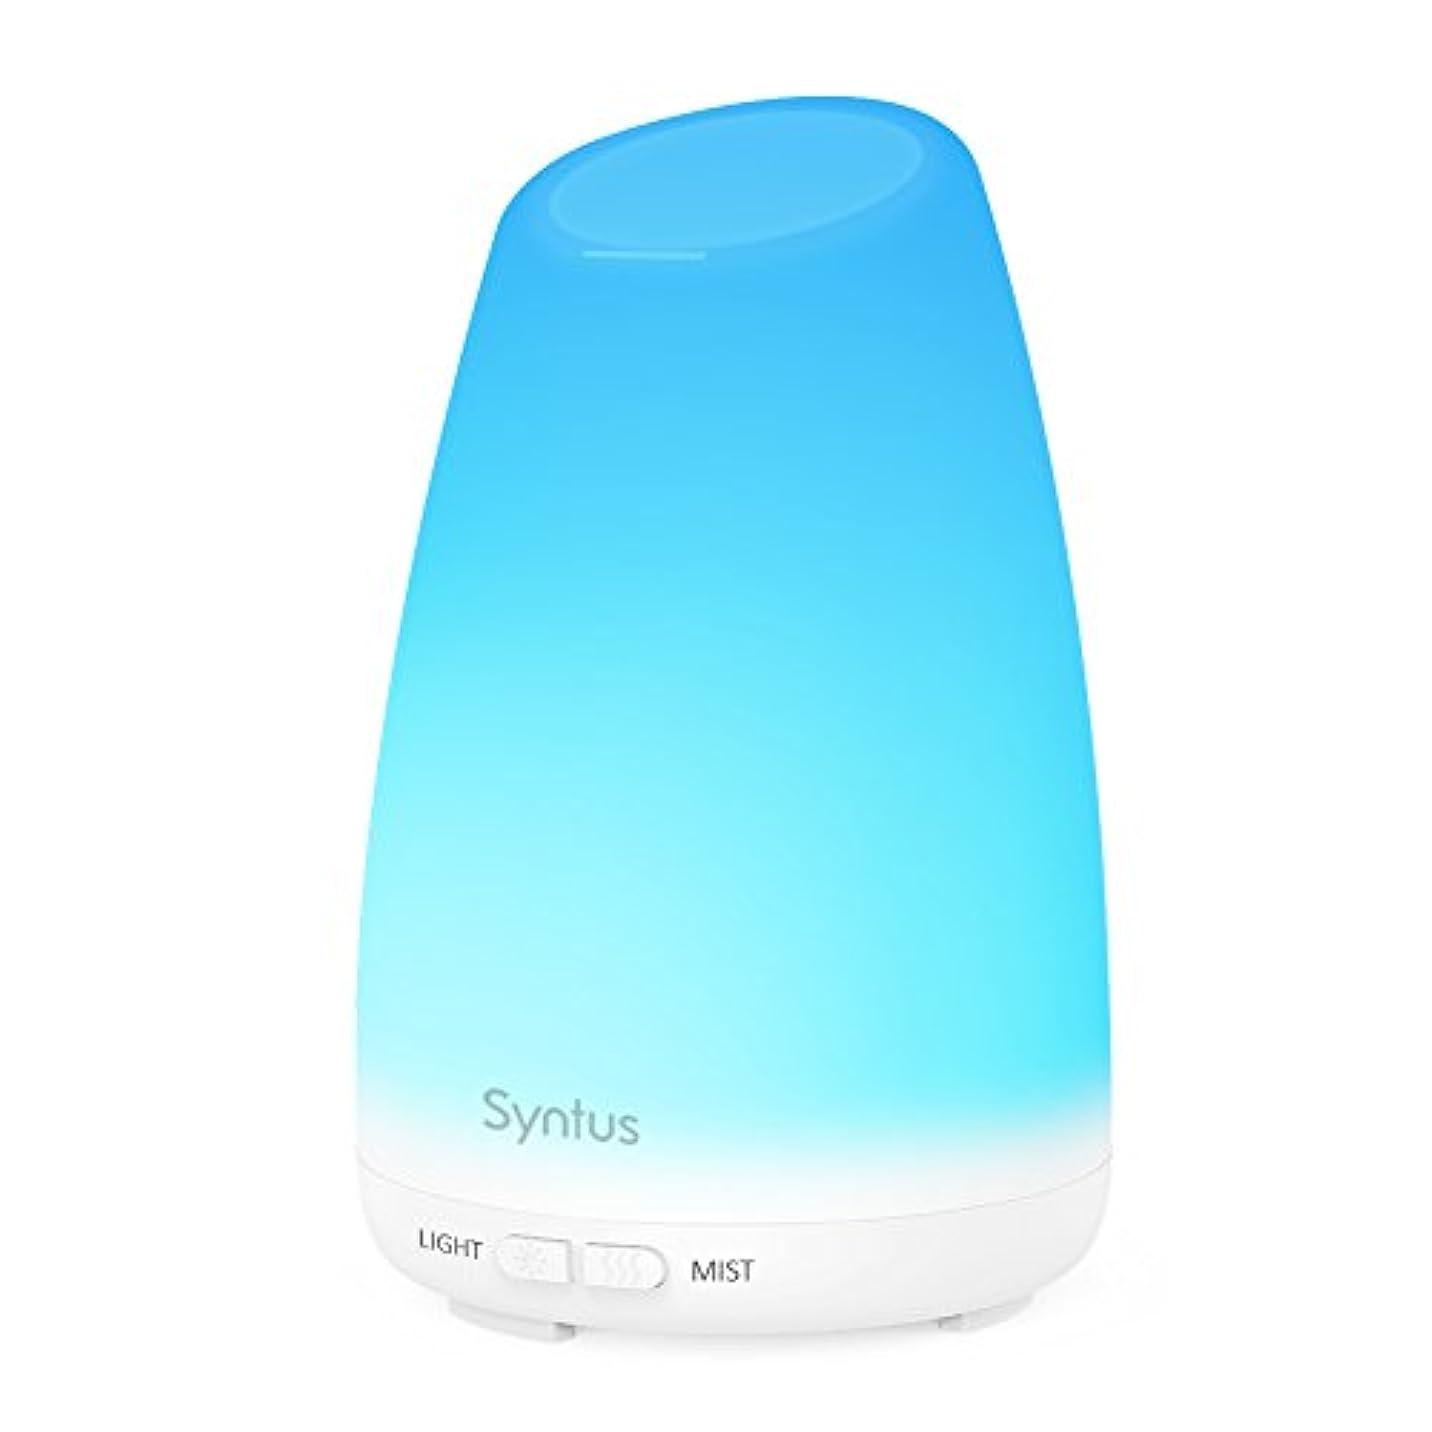 マット認証収まるSyntus 150ml エッセンシャルオイルディフューザー ポータブル超音波式アロマセラピーディフューザー 7色に変わるLEDライト 変更可能なミストモード 水切れ自動停止機能